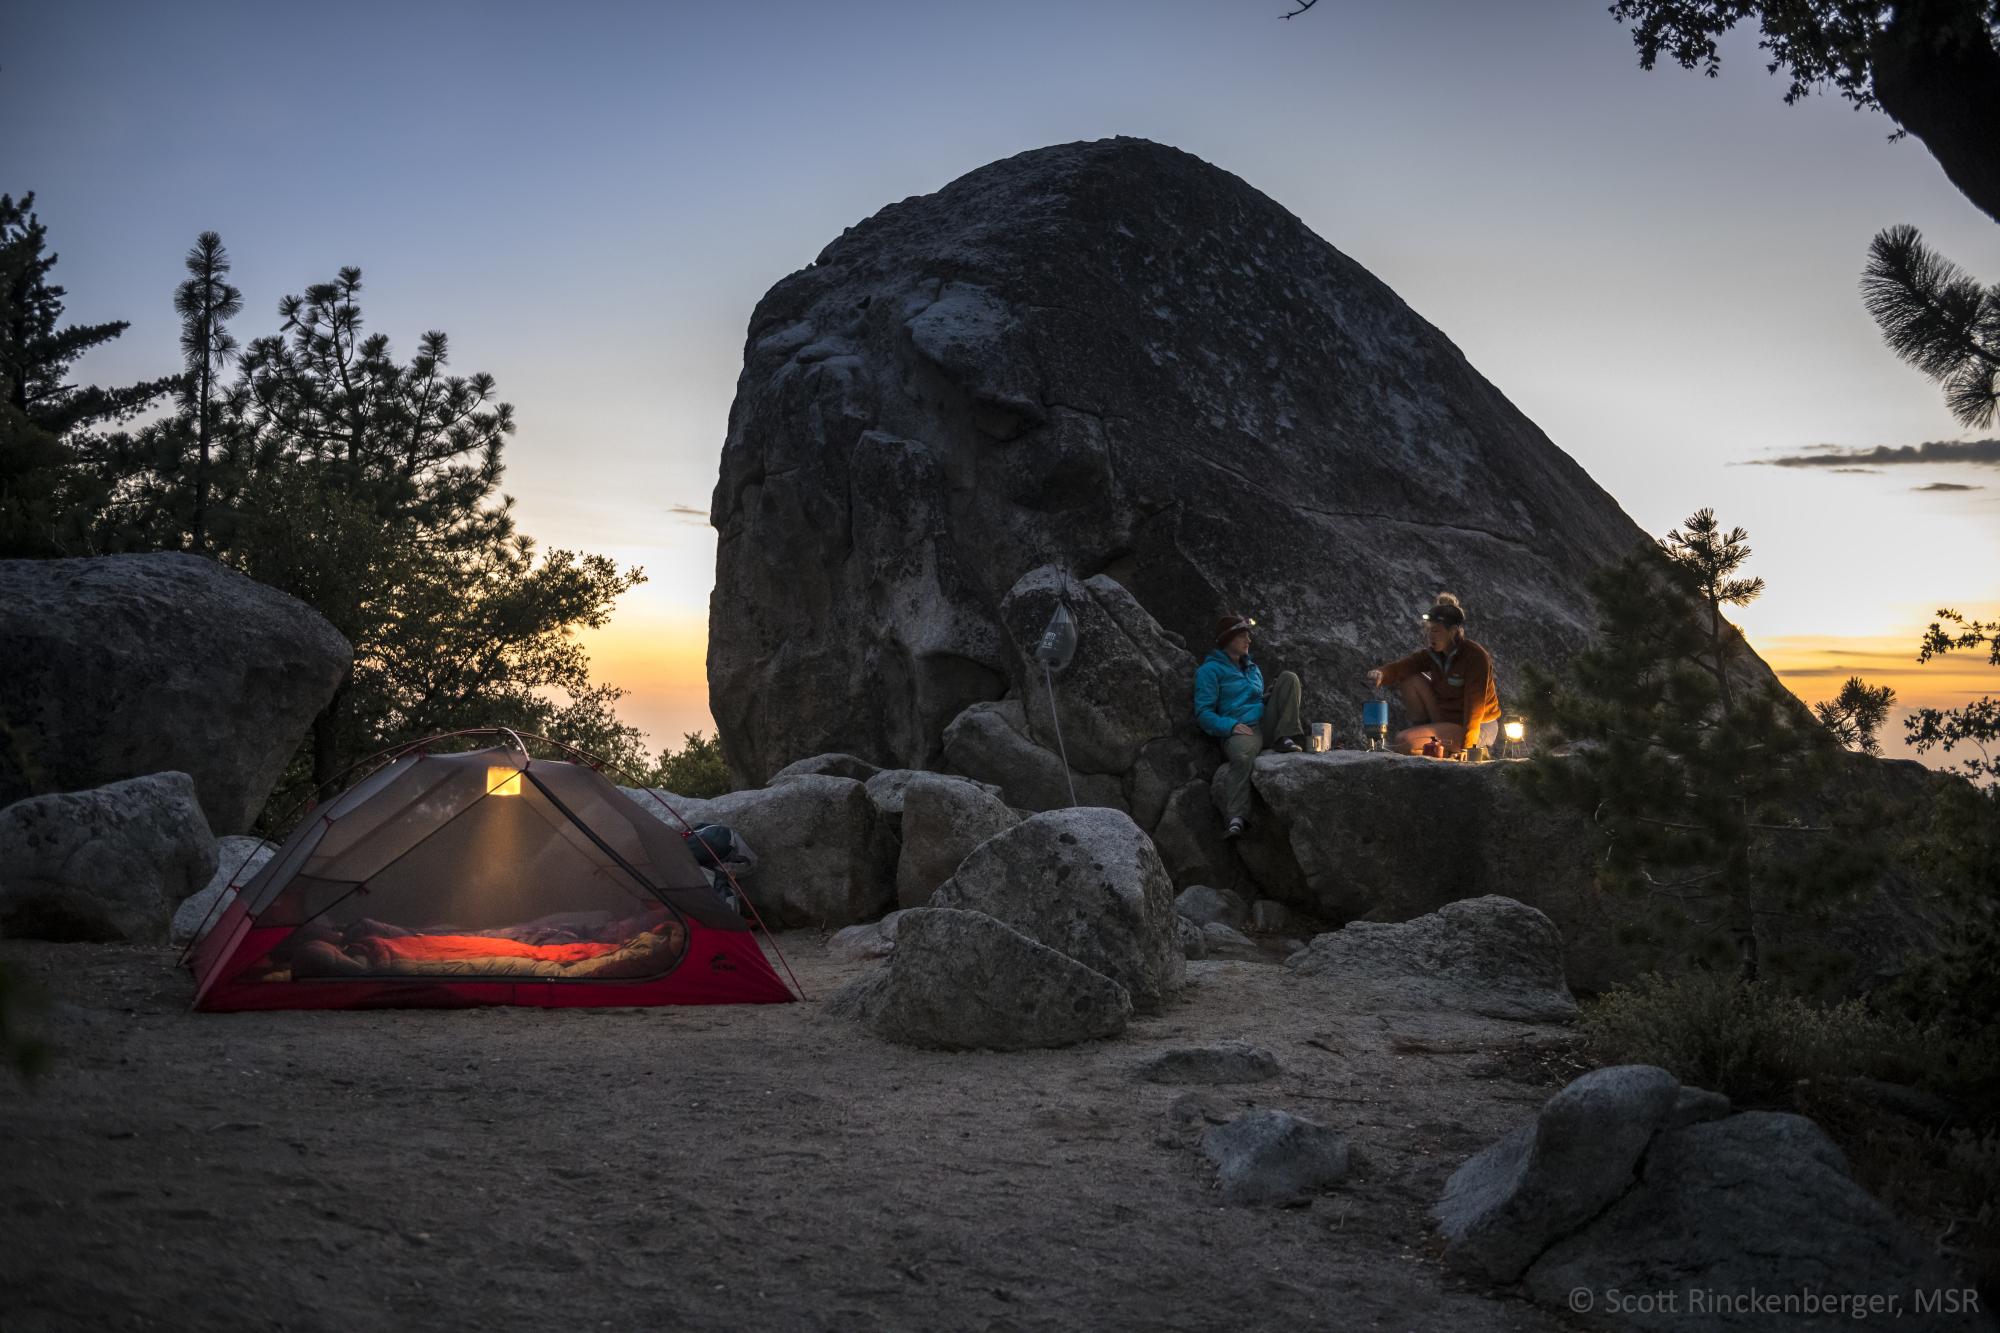 Ein MSR-Zelt steht in rauer, felsiger Landschaft. Die Dunkelheit bricht herein, die Wanderer haben es sich mit Lampen gemütlich gemacht.